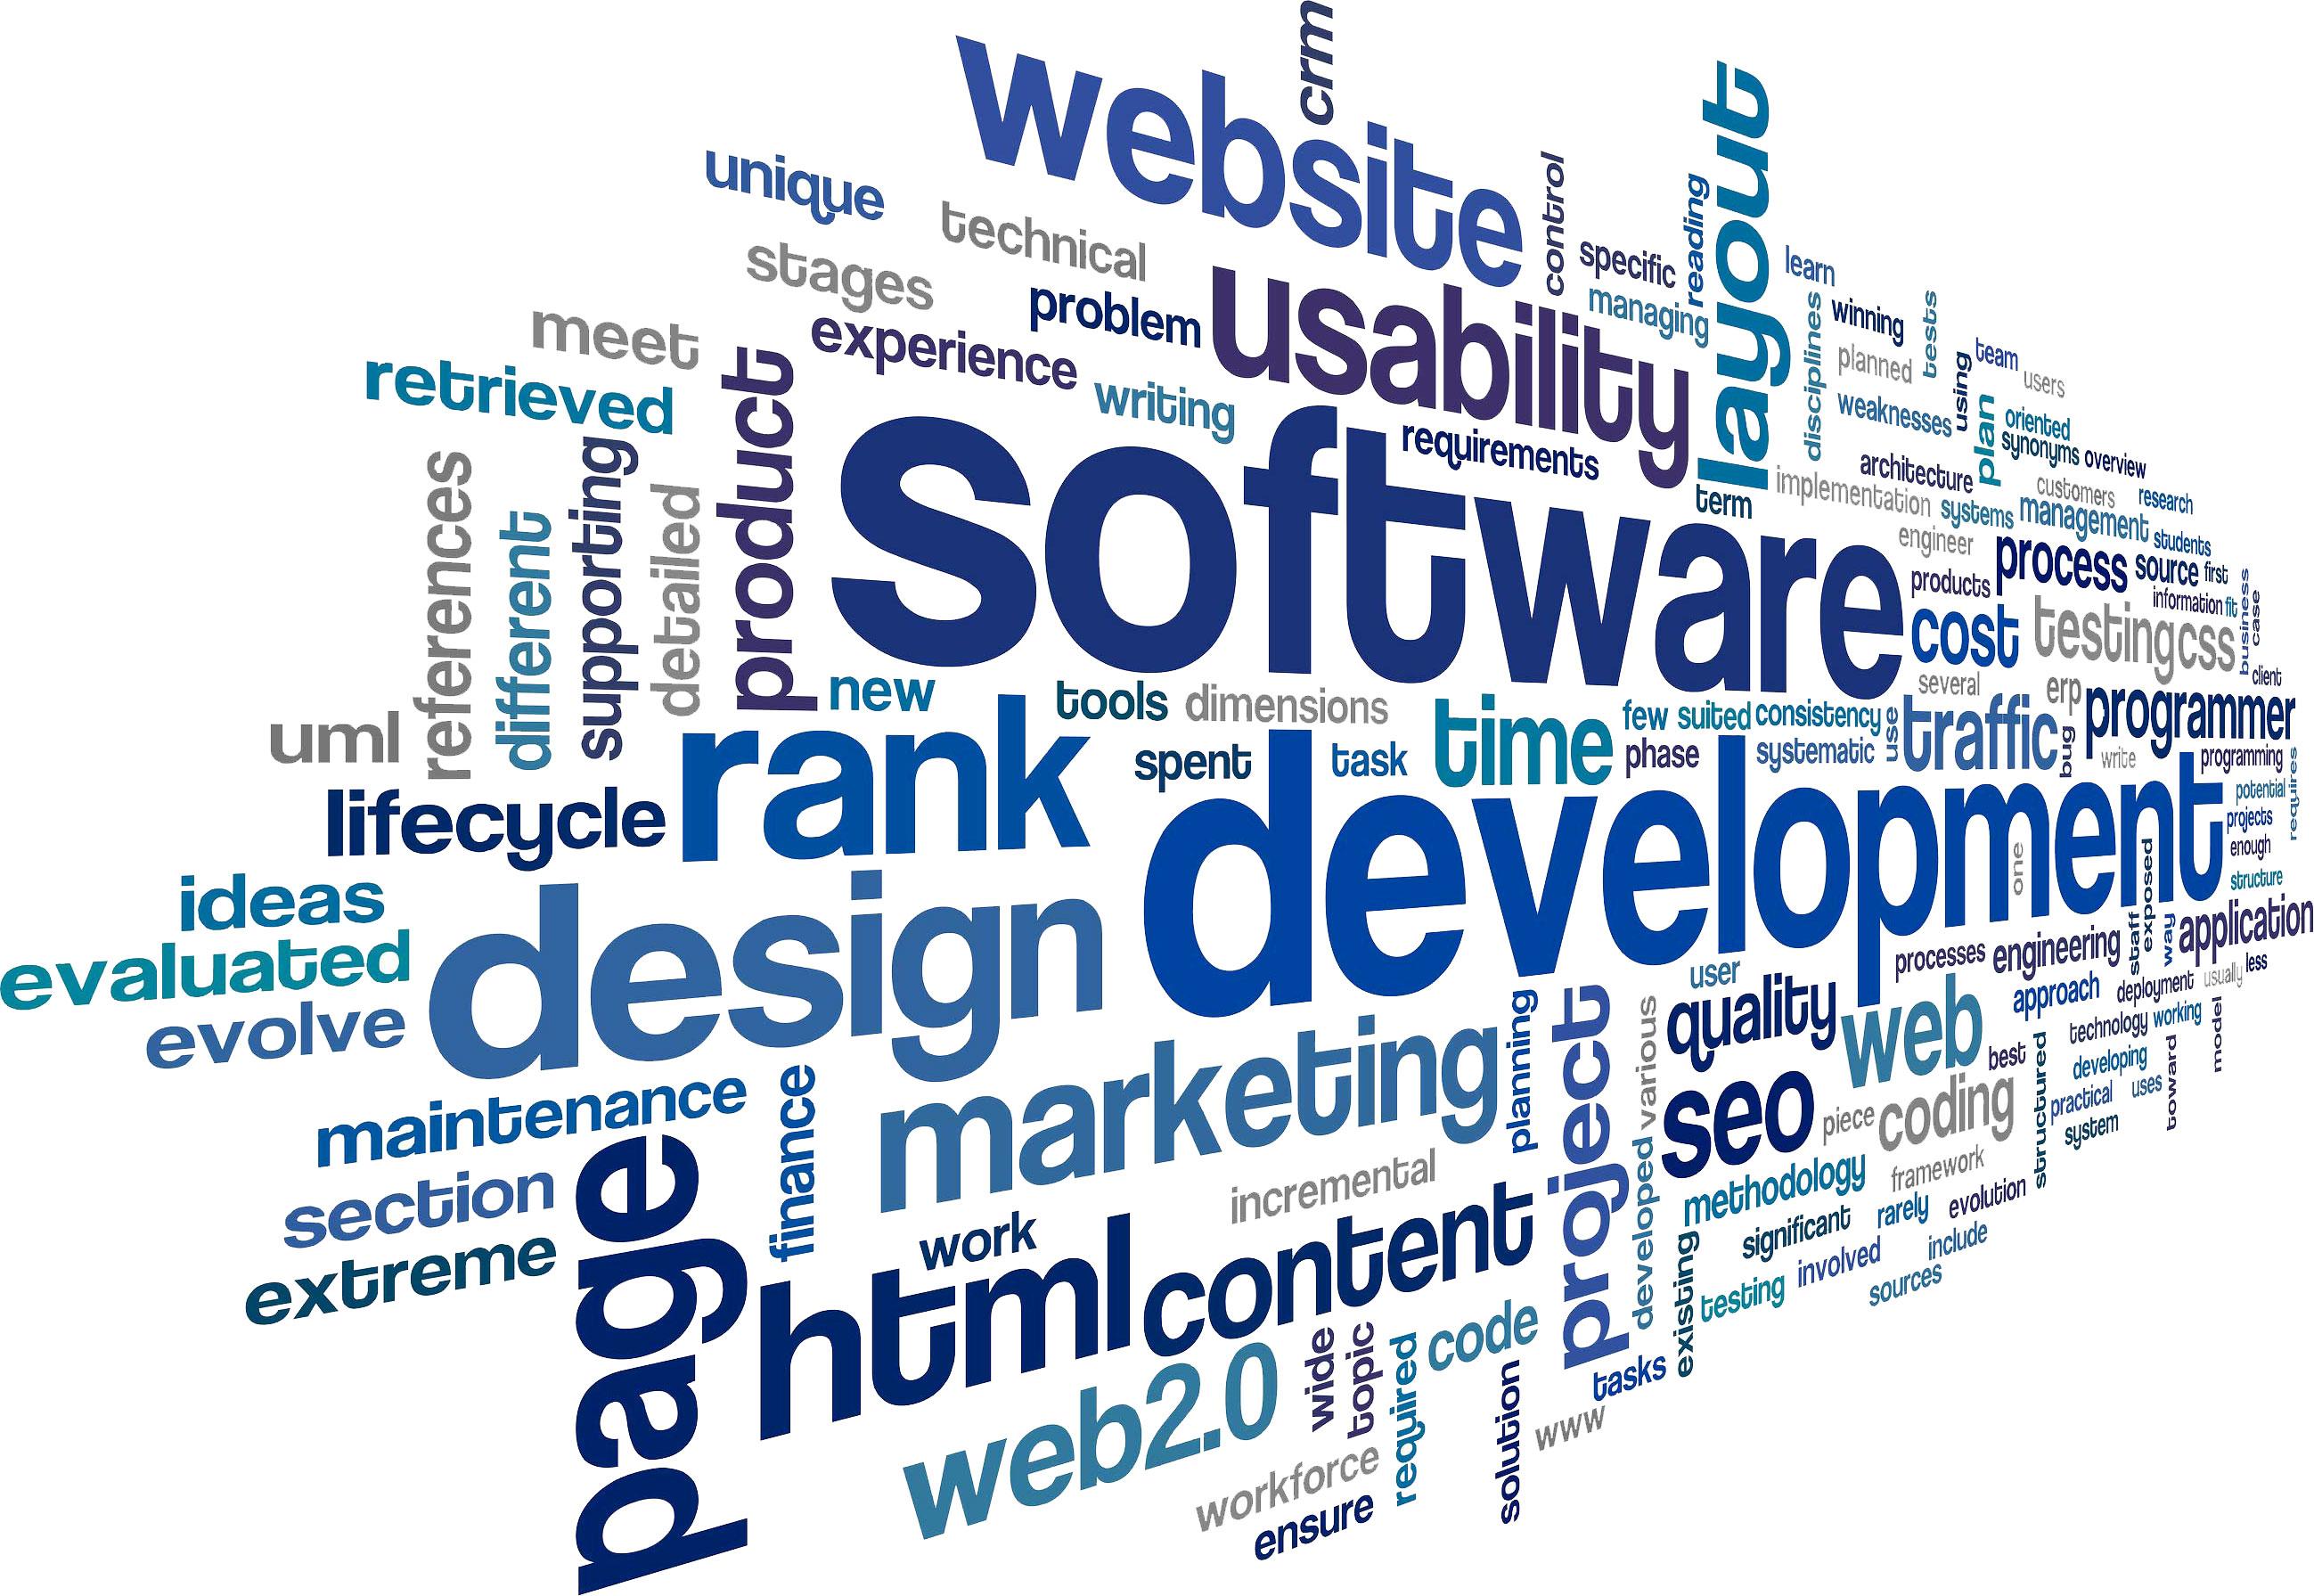 warmpiesoft - immagine rappresentativa di sviluppo software